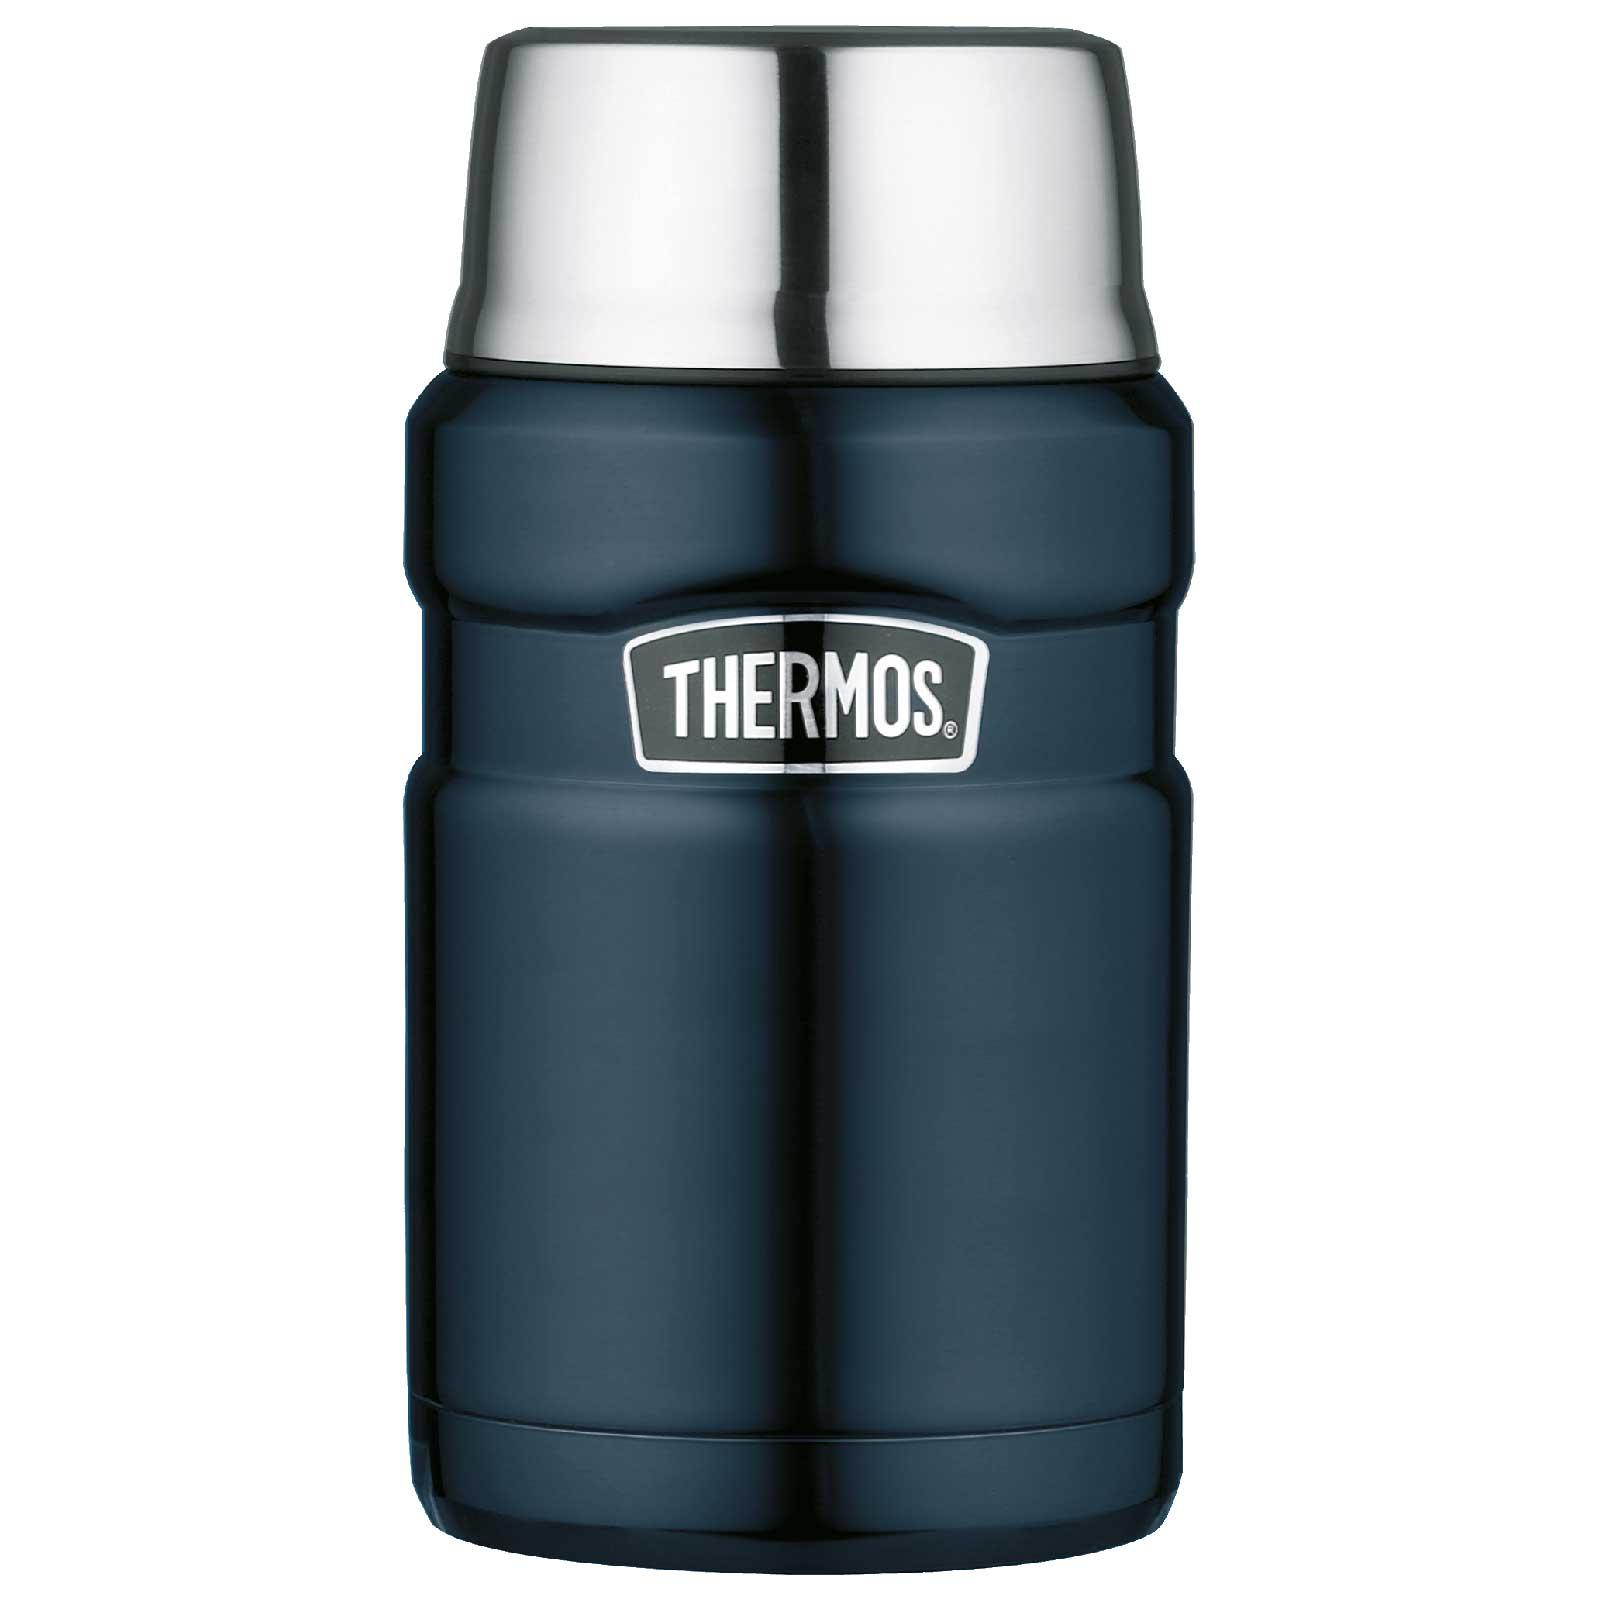 Produktbild von Thermos Stainless King Food Jar 0.71L Isolier-Speisegefäß - midnight blue polished